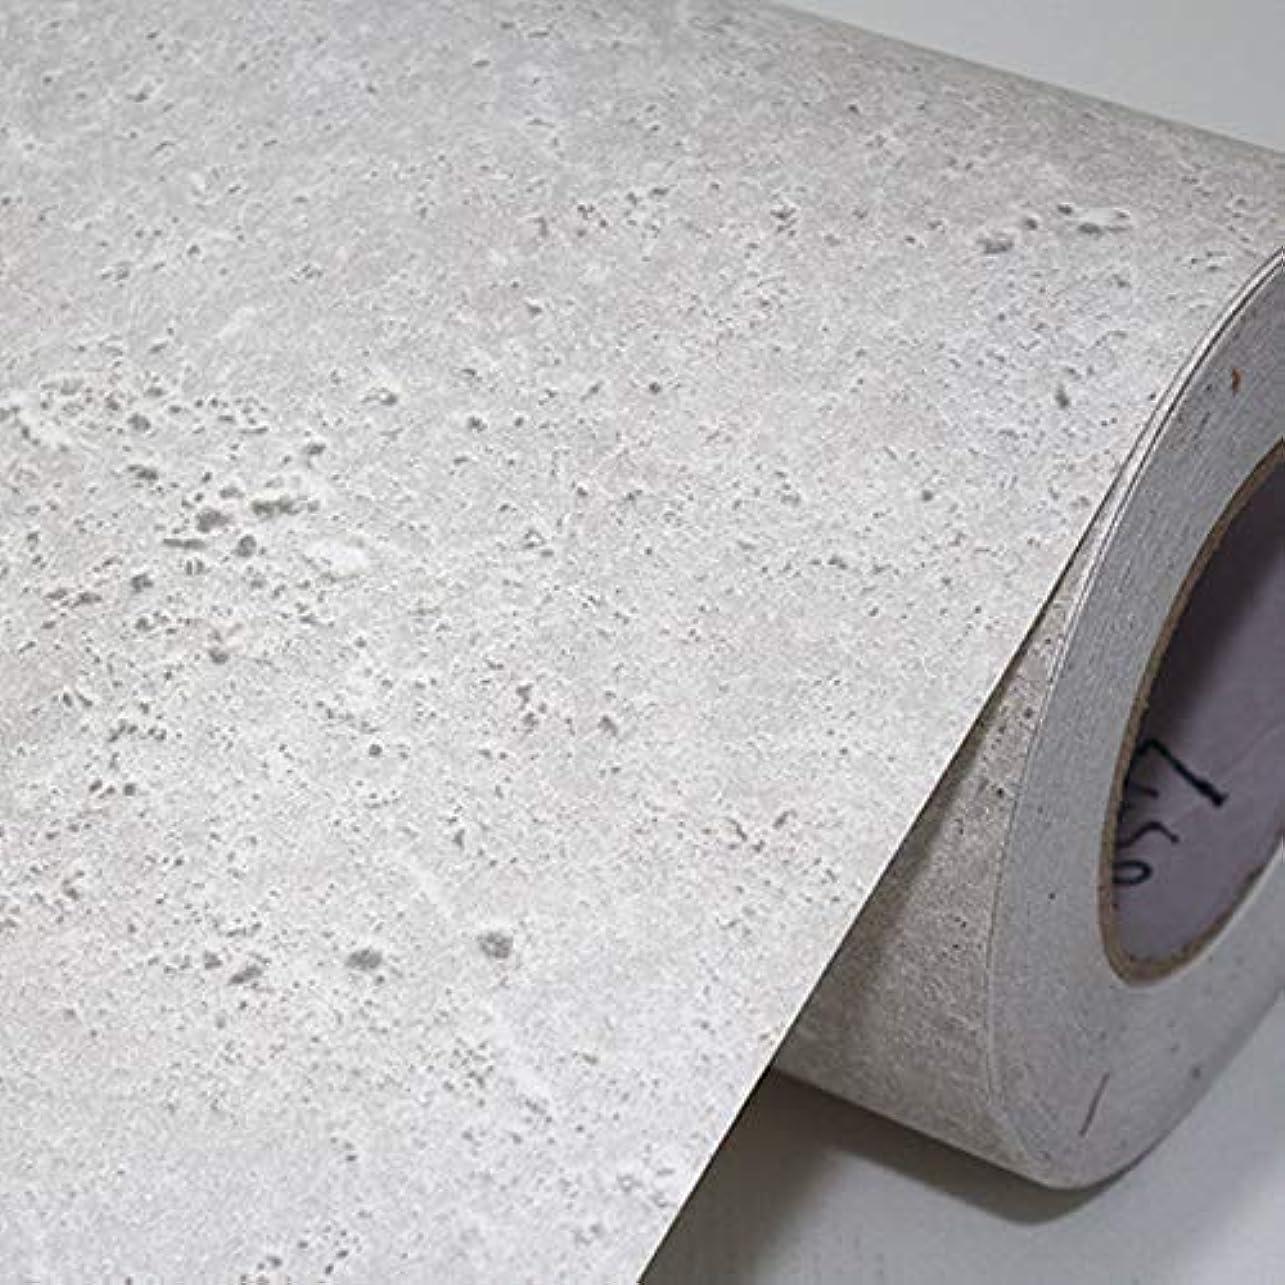 管理者アクセスできない公演壁紙シール 幅50センチ×長さ1m単位 コンクリート模様 ライトグレー